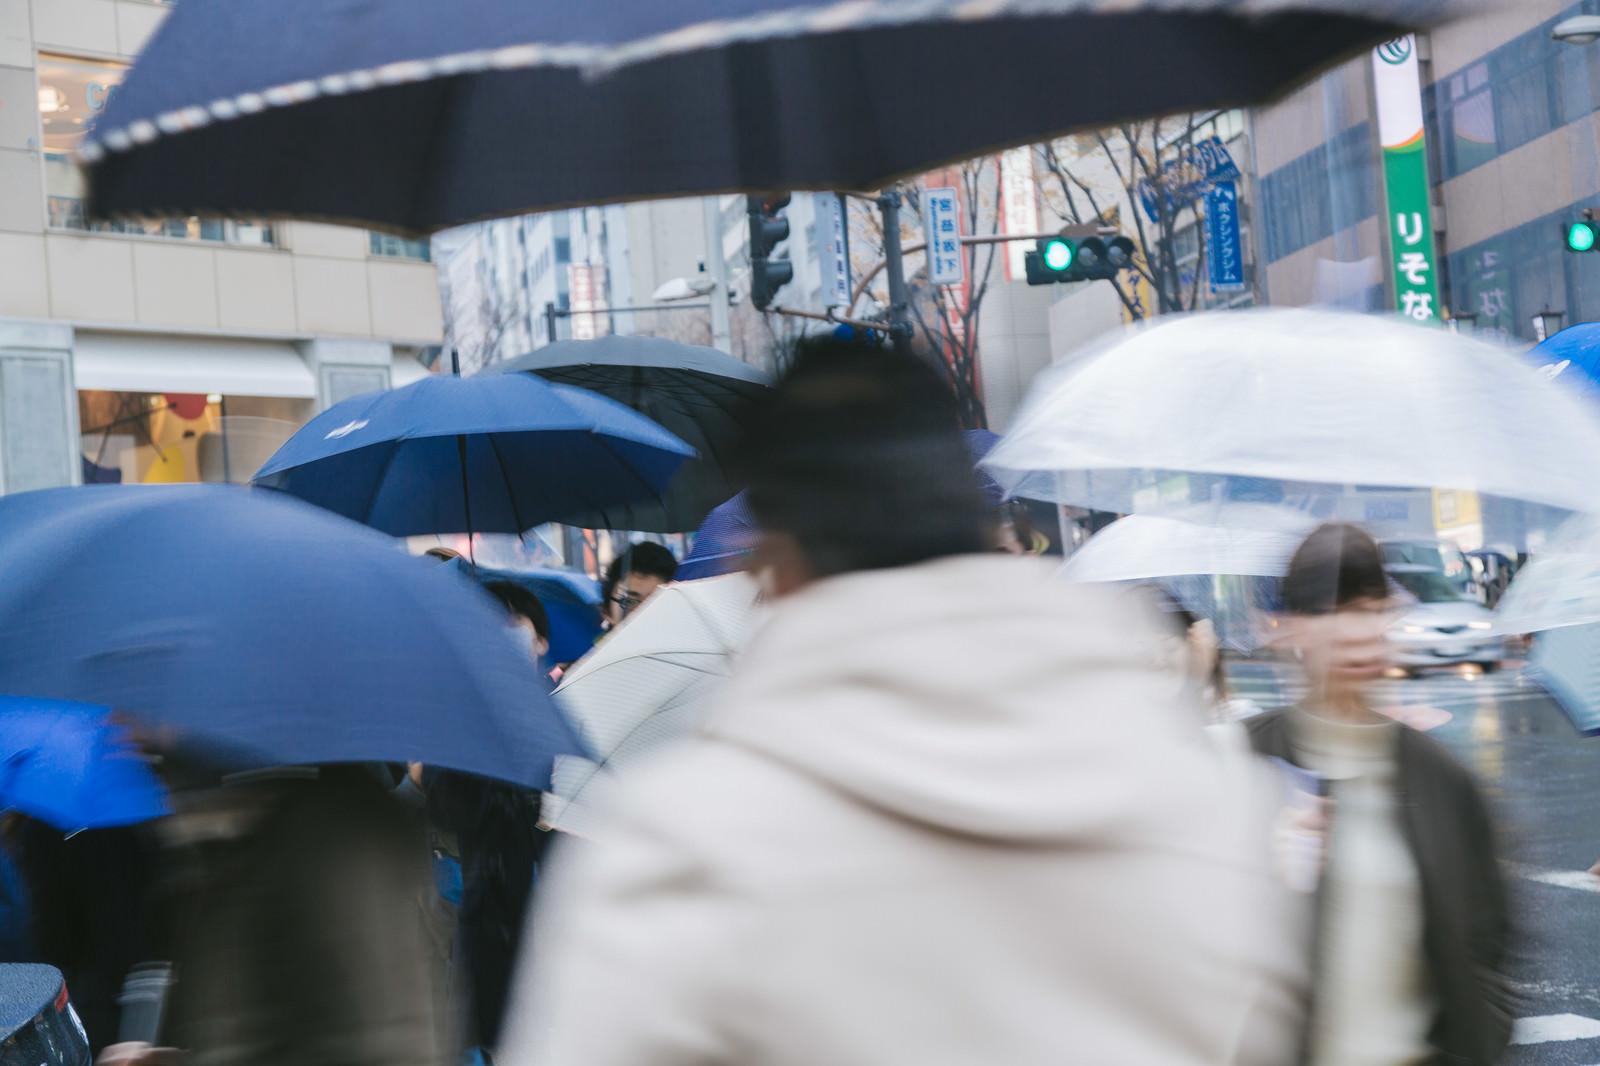 Amehuru0I9A4492 TP V rain and umbrella